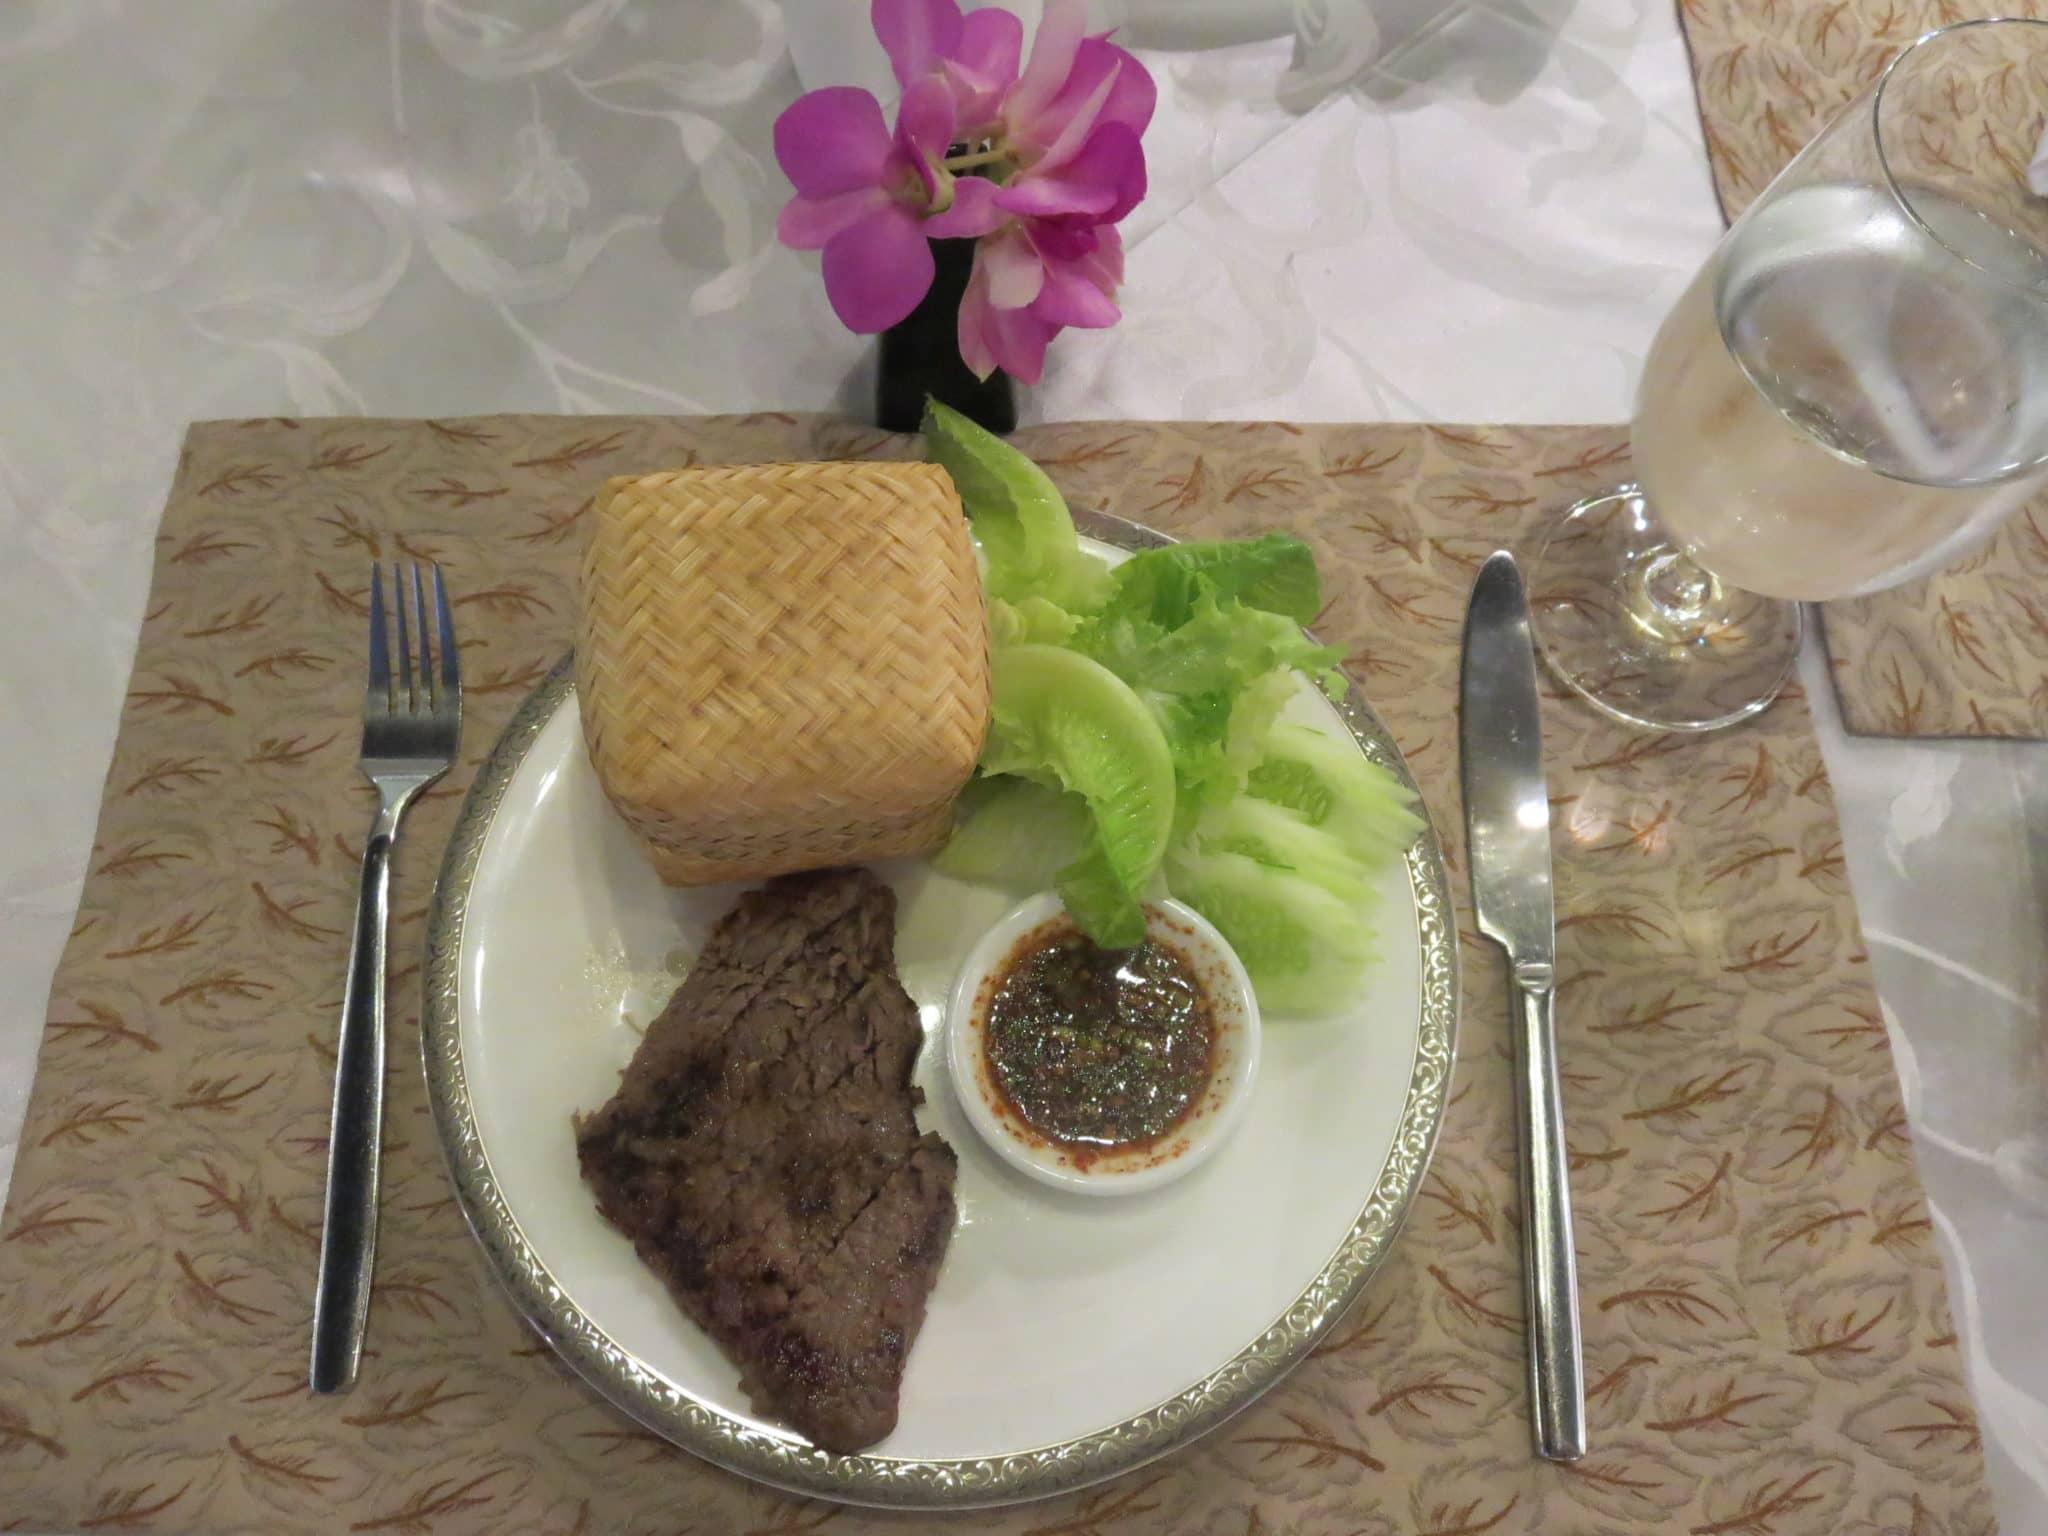 Thai Airways First Class Lounge Essen